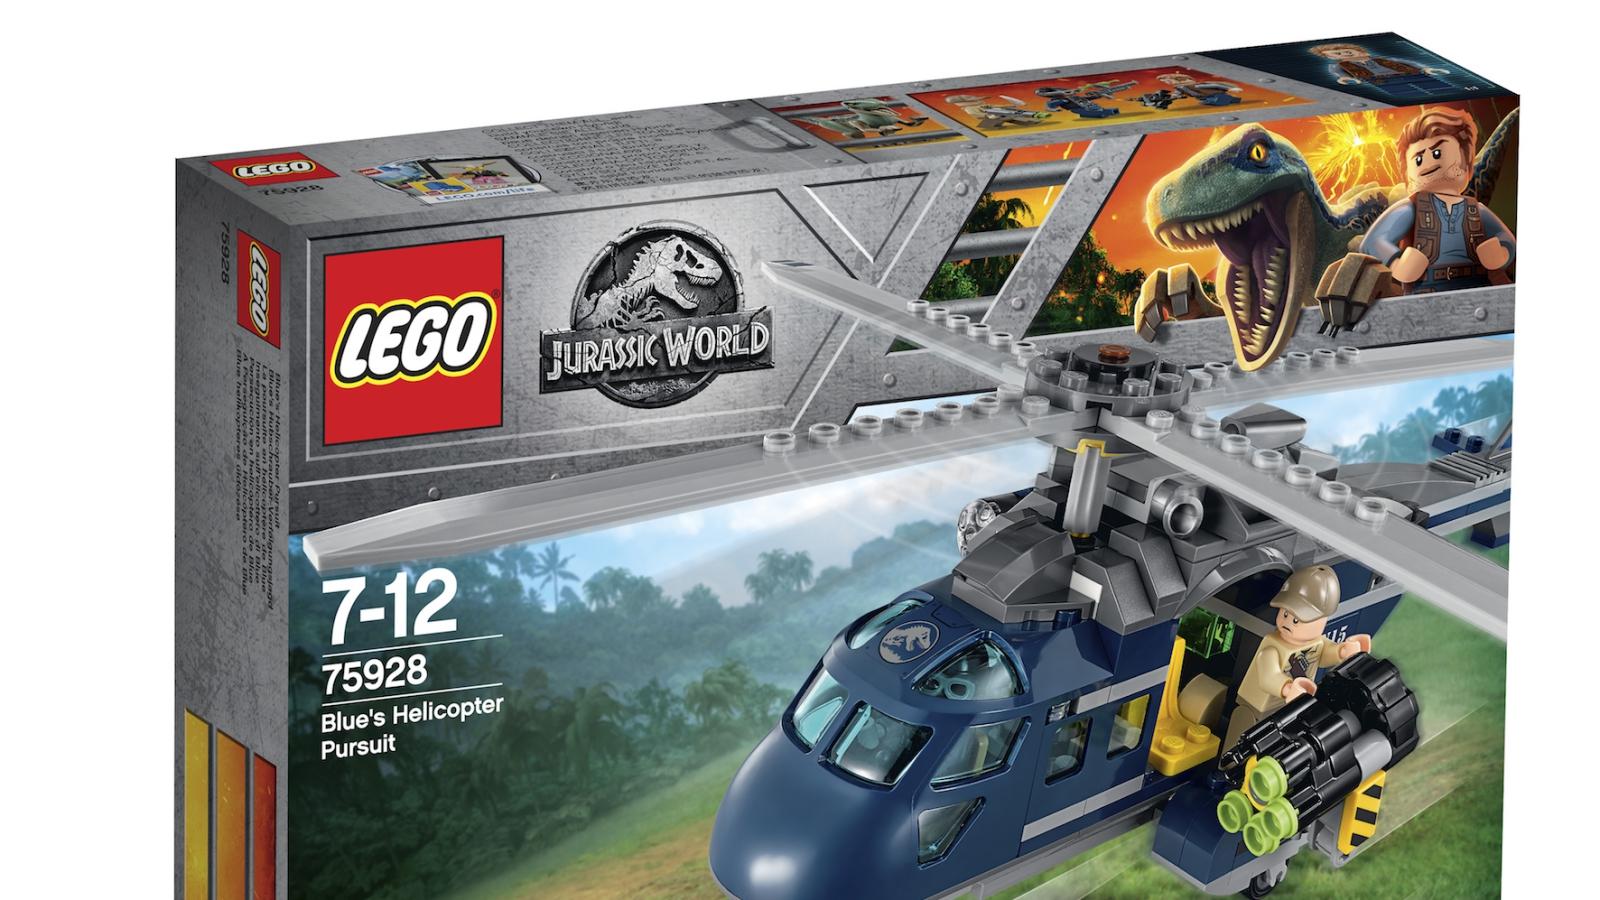 LEGO lancia i nuovi set dedicati a Jurassic World: Il regno distrutto thumbnail